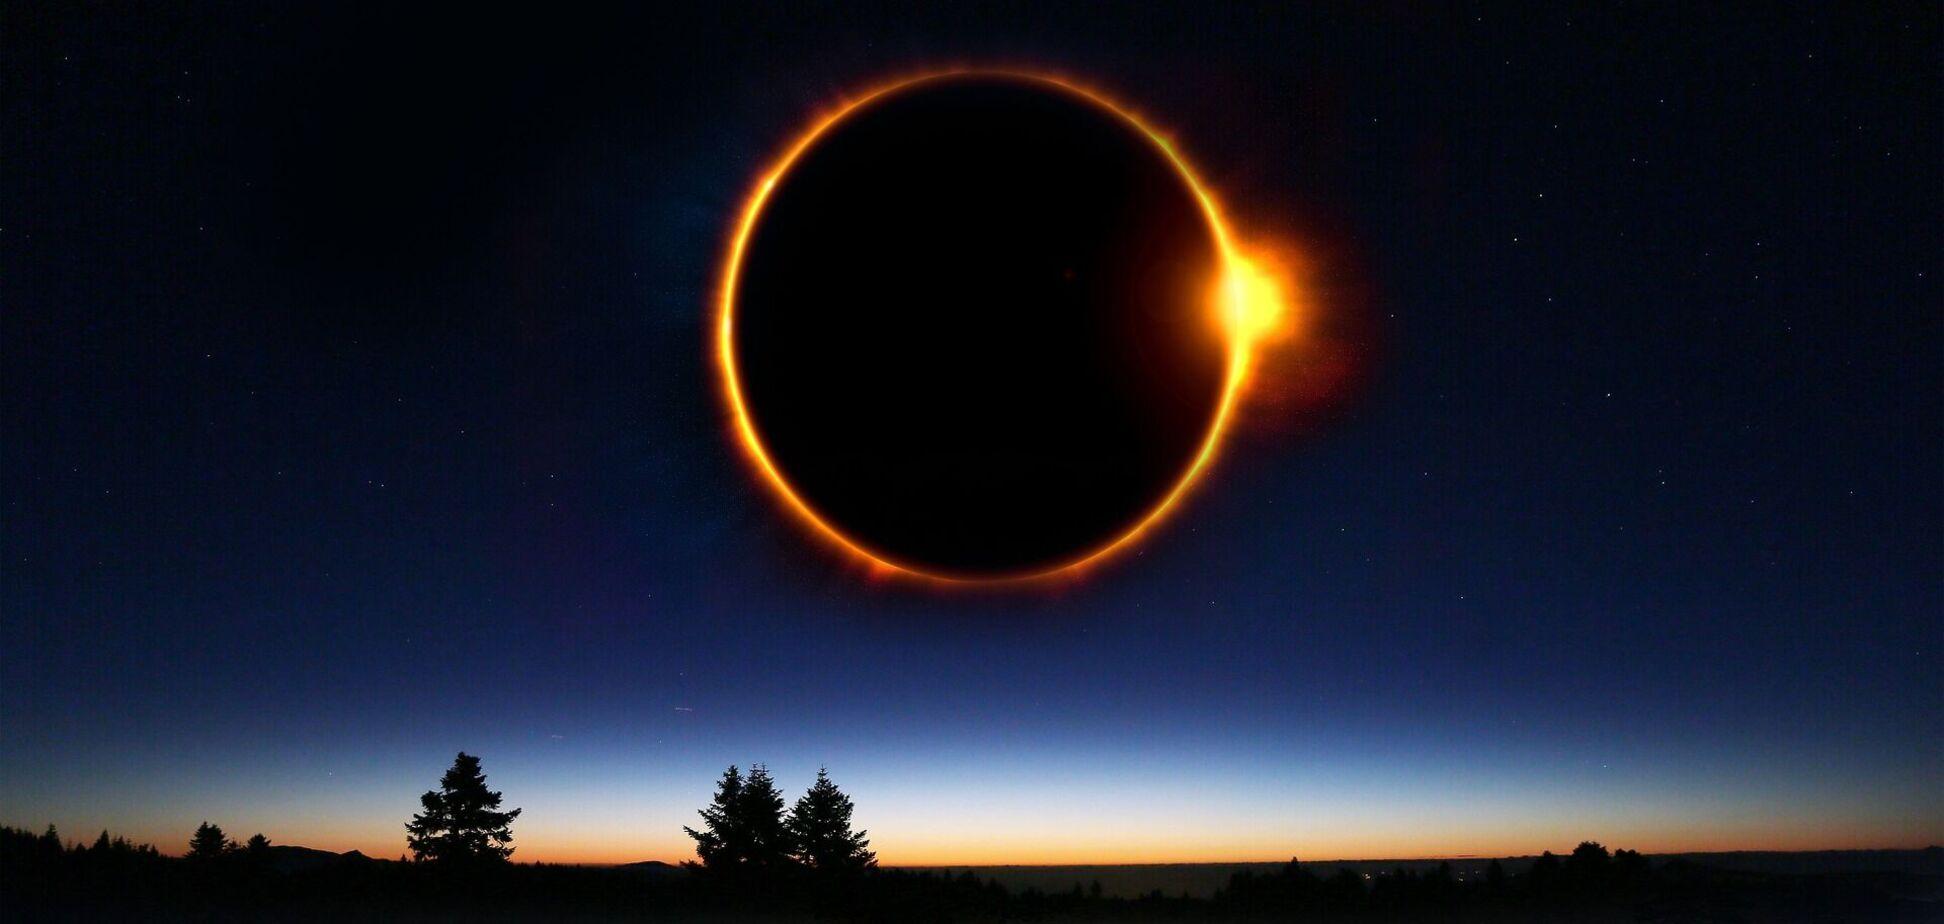 2021 року чотири затемнення: найближче відбудеться в травні